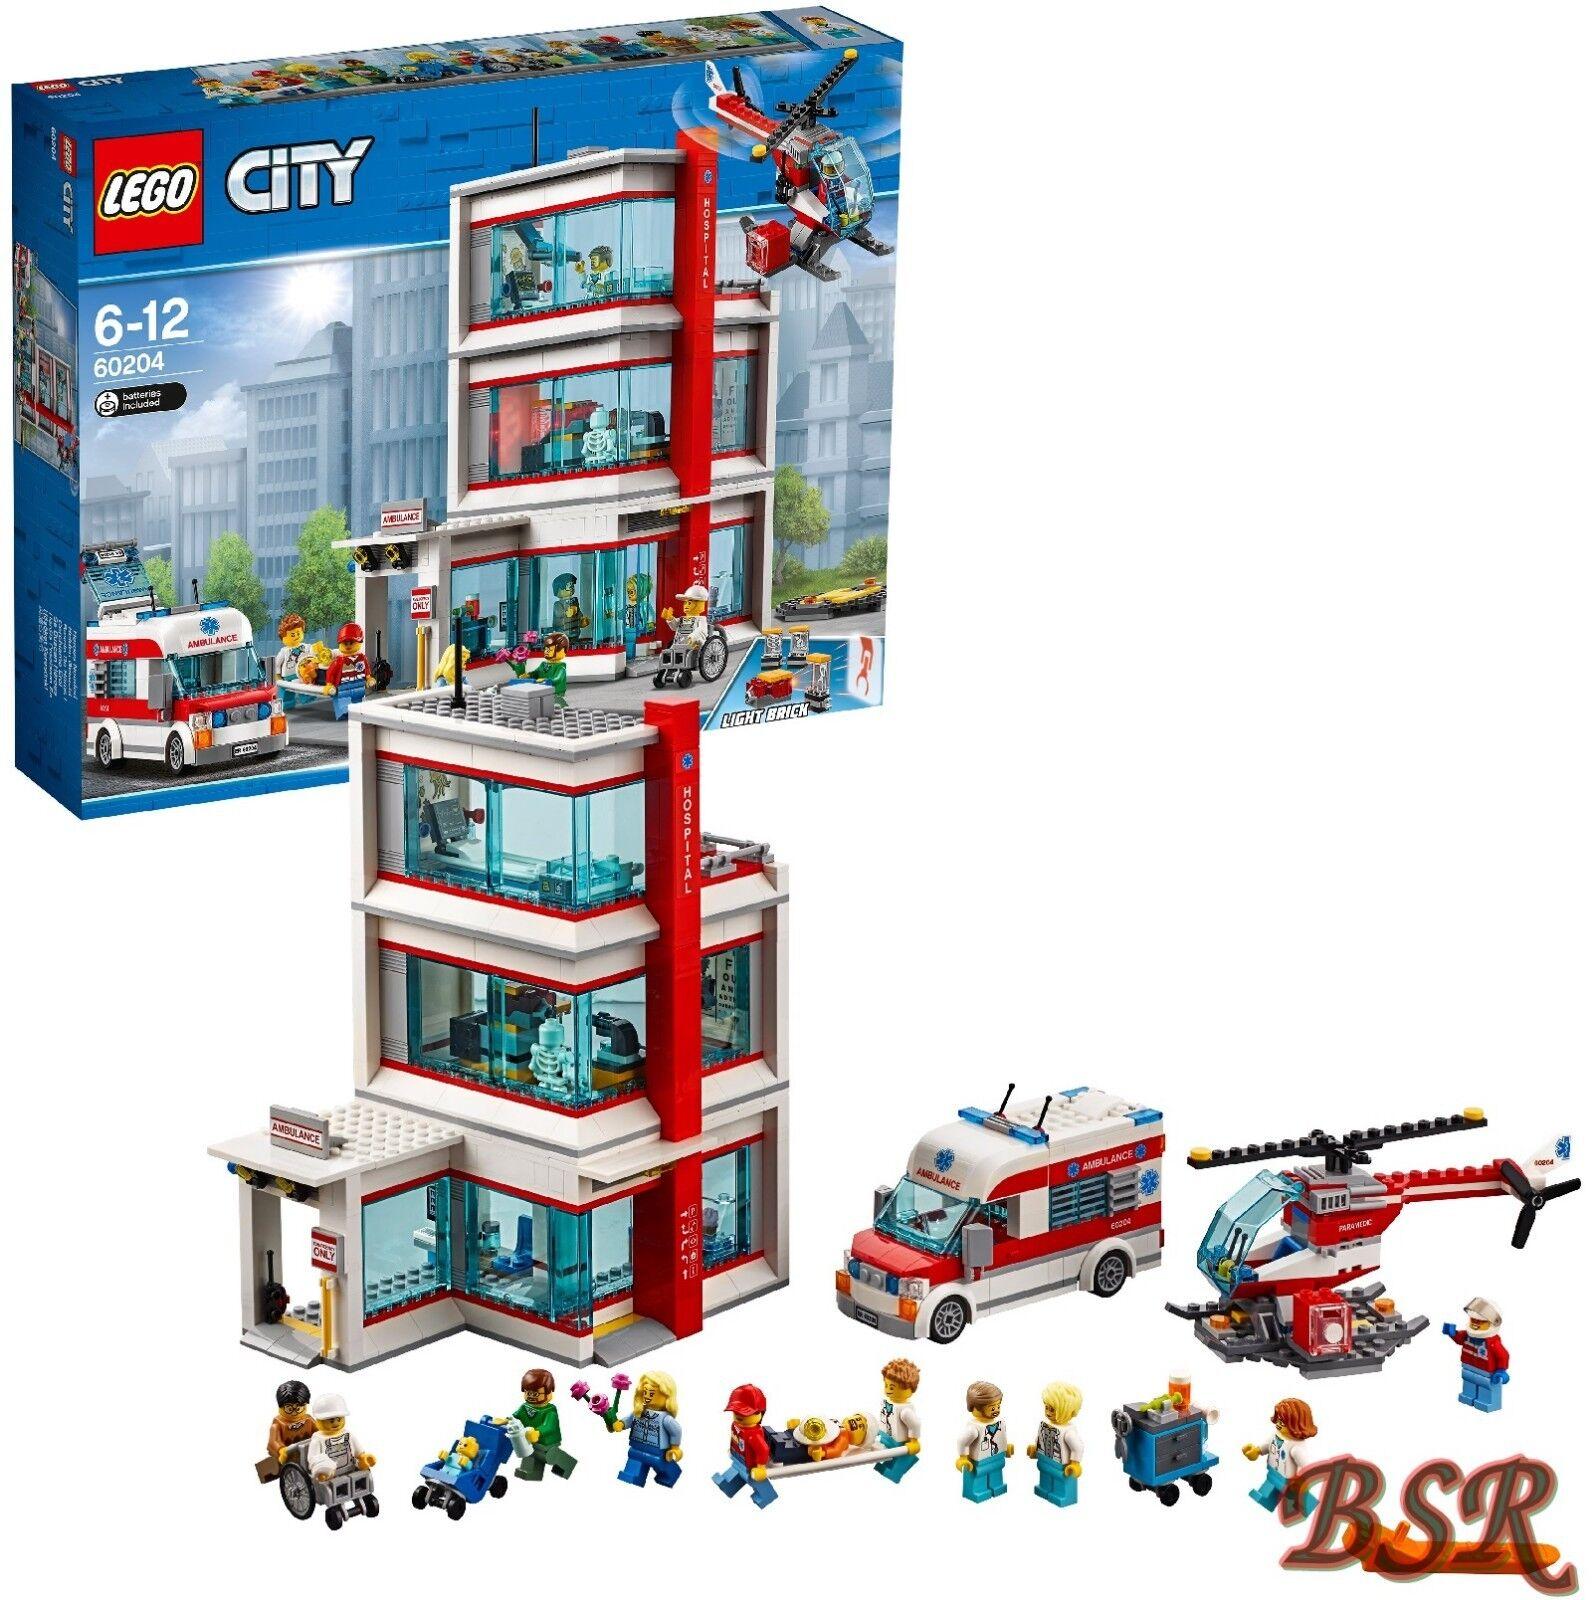 LEGO ® City: City: City: 60204 hôpital & 0. -€ expédition & NOUVEAU & NEUF dans sa boîte! 0ff57c